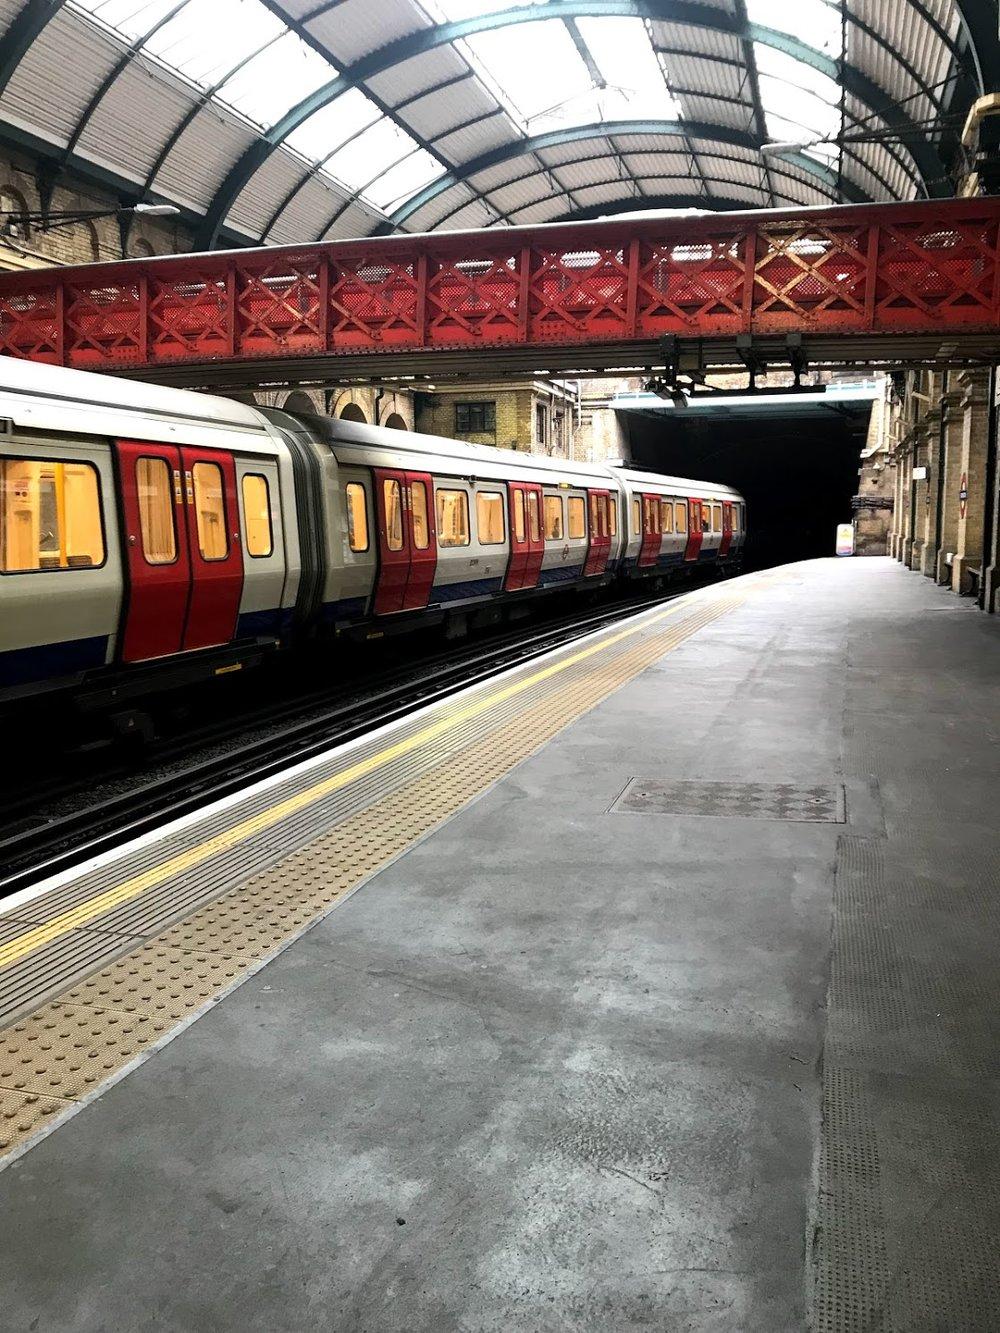 london tube paddington station.jpg